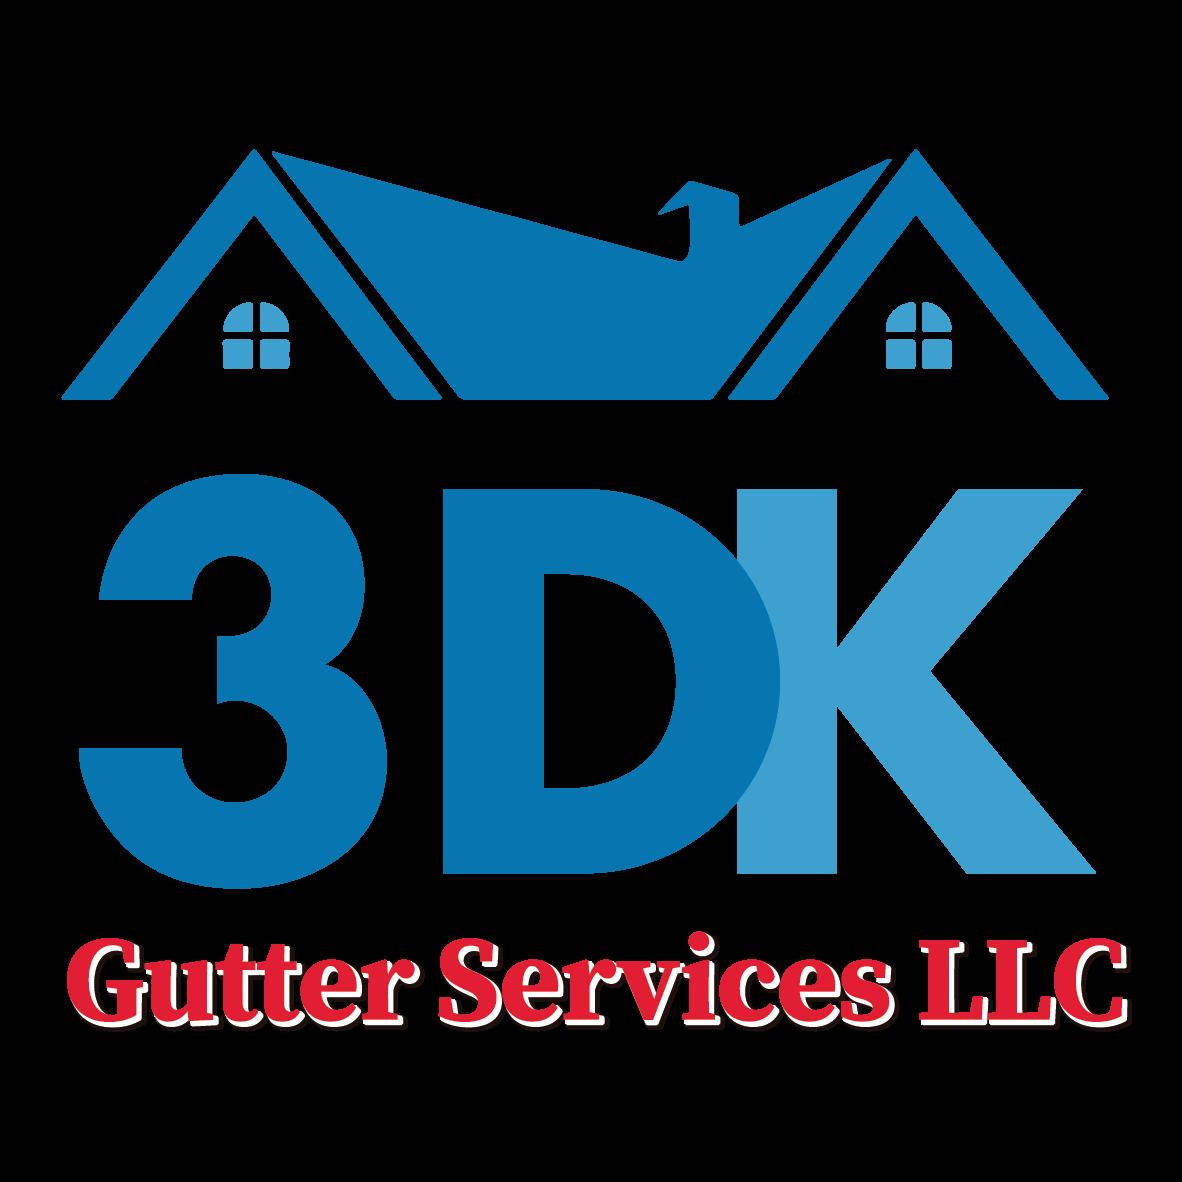 3DK Gutter Services LLC